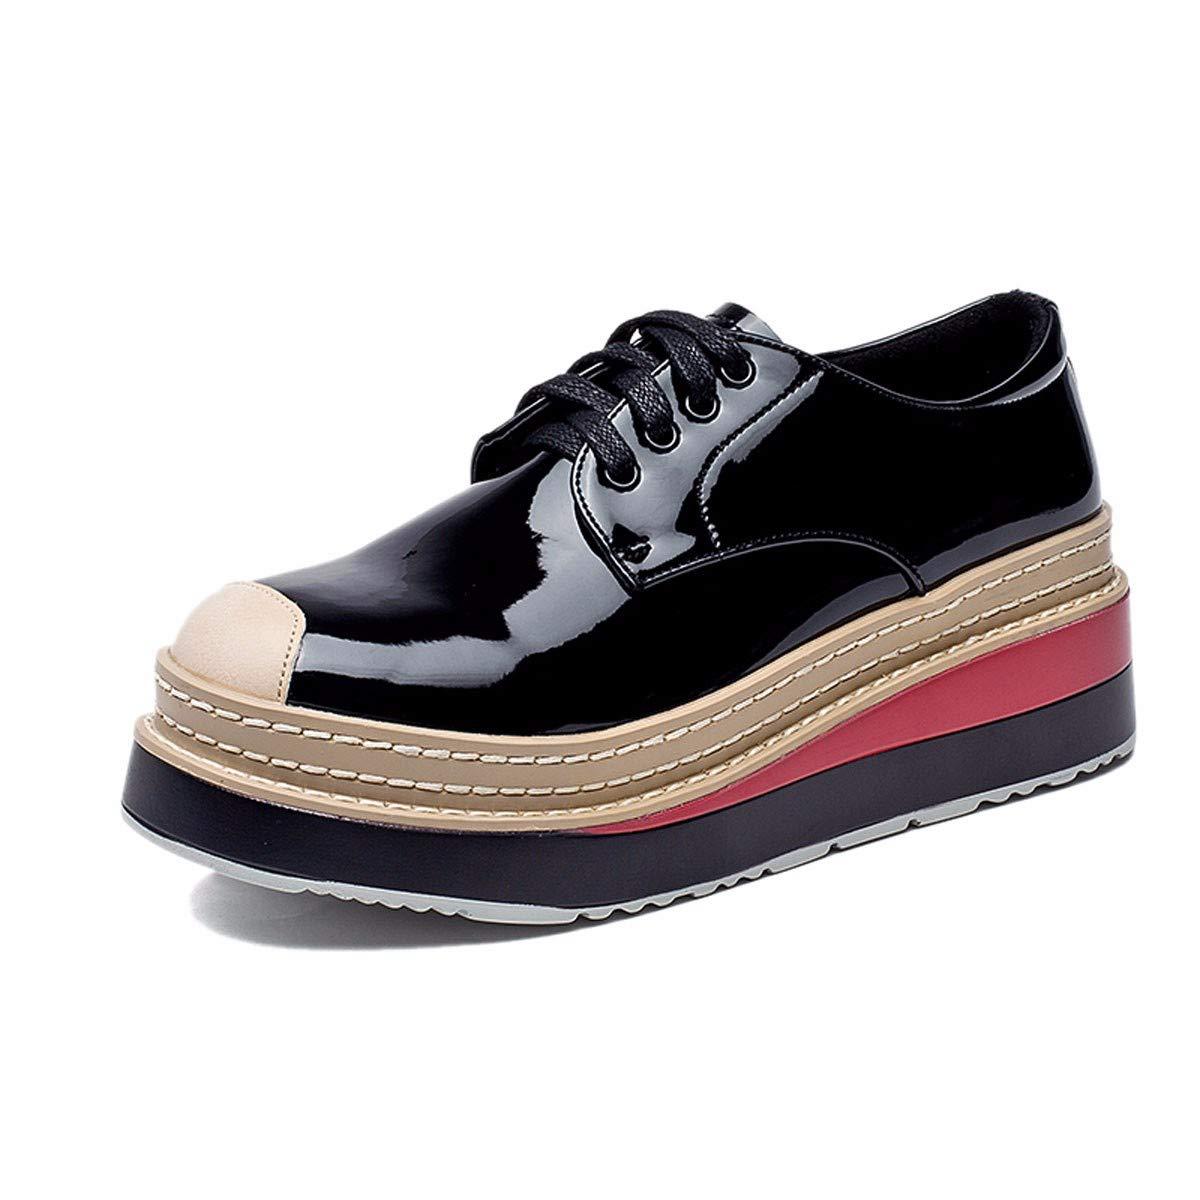 KPHY Damenschuhe Lack - Muffin - Schuhe Mit Hohen 6 cm Dick Square Kopf Unten Freizeit Slope Bei Einzelnen Schuh.